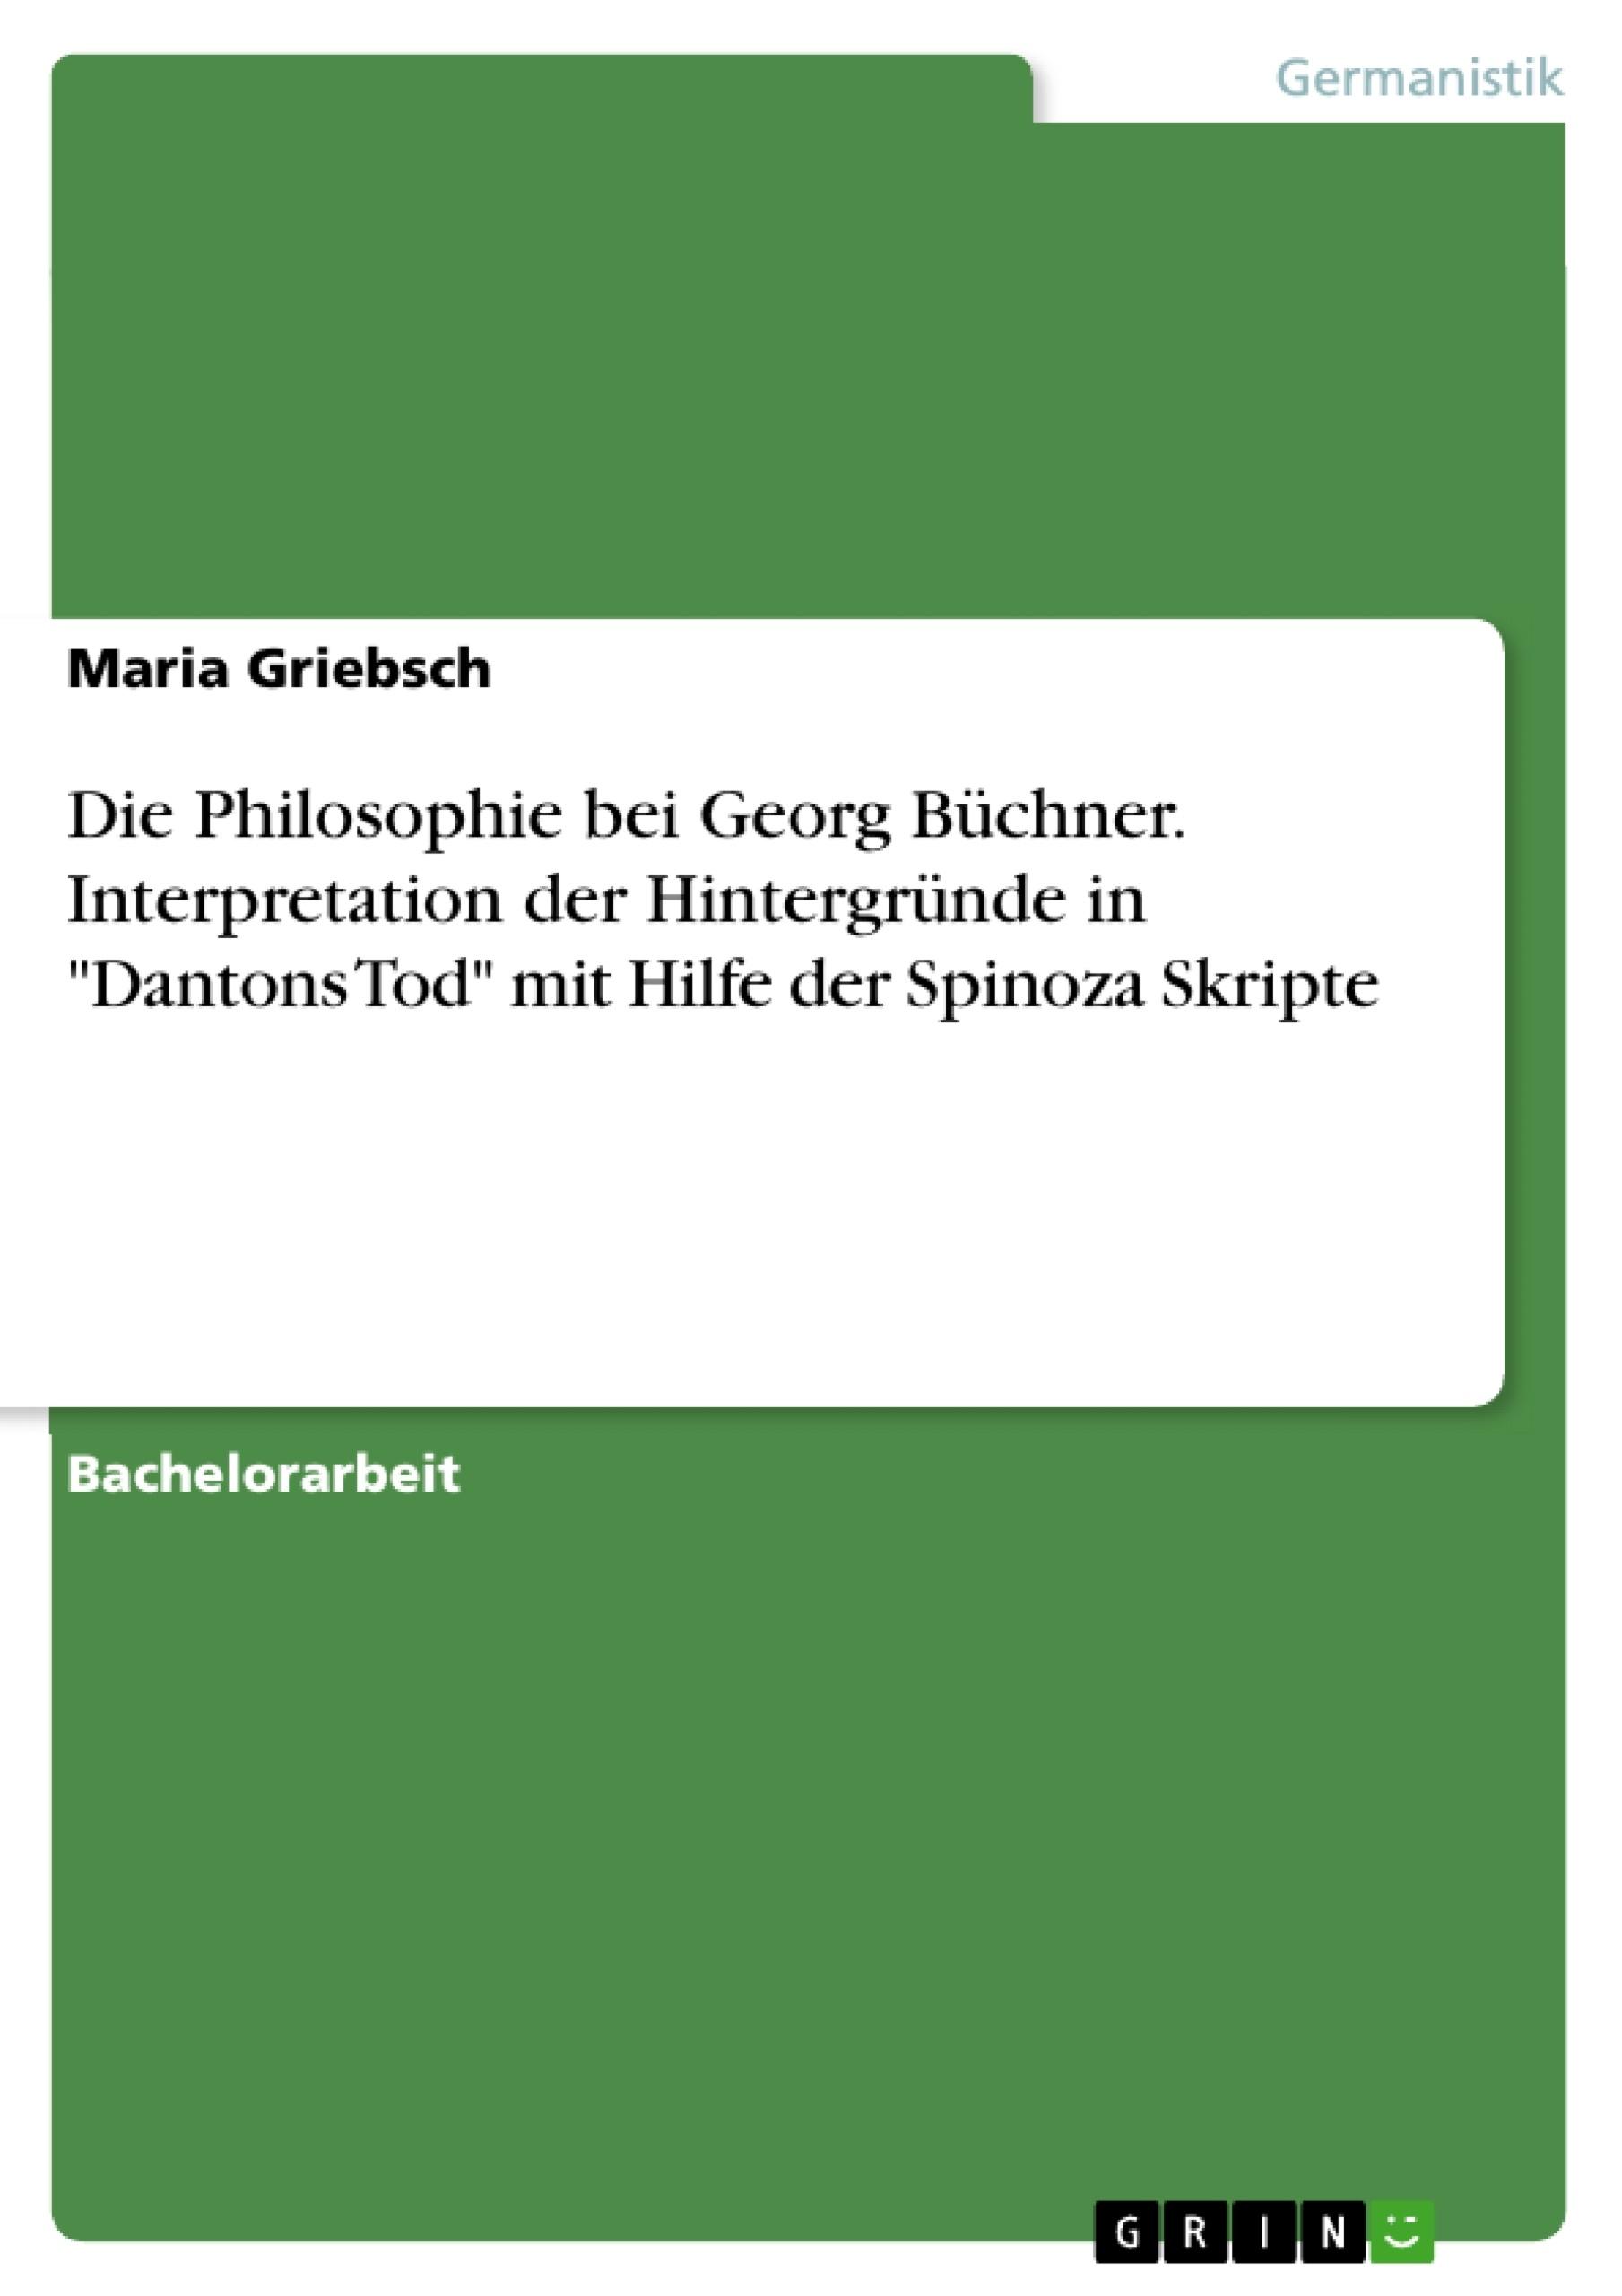 """Titel: Die Philosophie bei Georg Büchner. Interpretation der Hintergründe in """"Dantons Tod"""" mit Hilfe der Spinoza Skripte"""